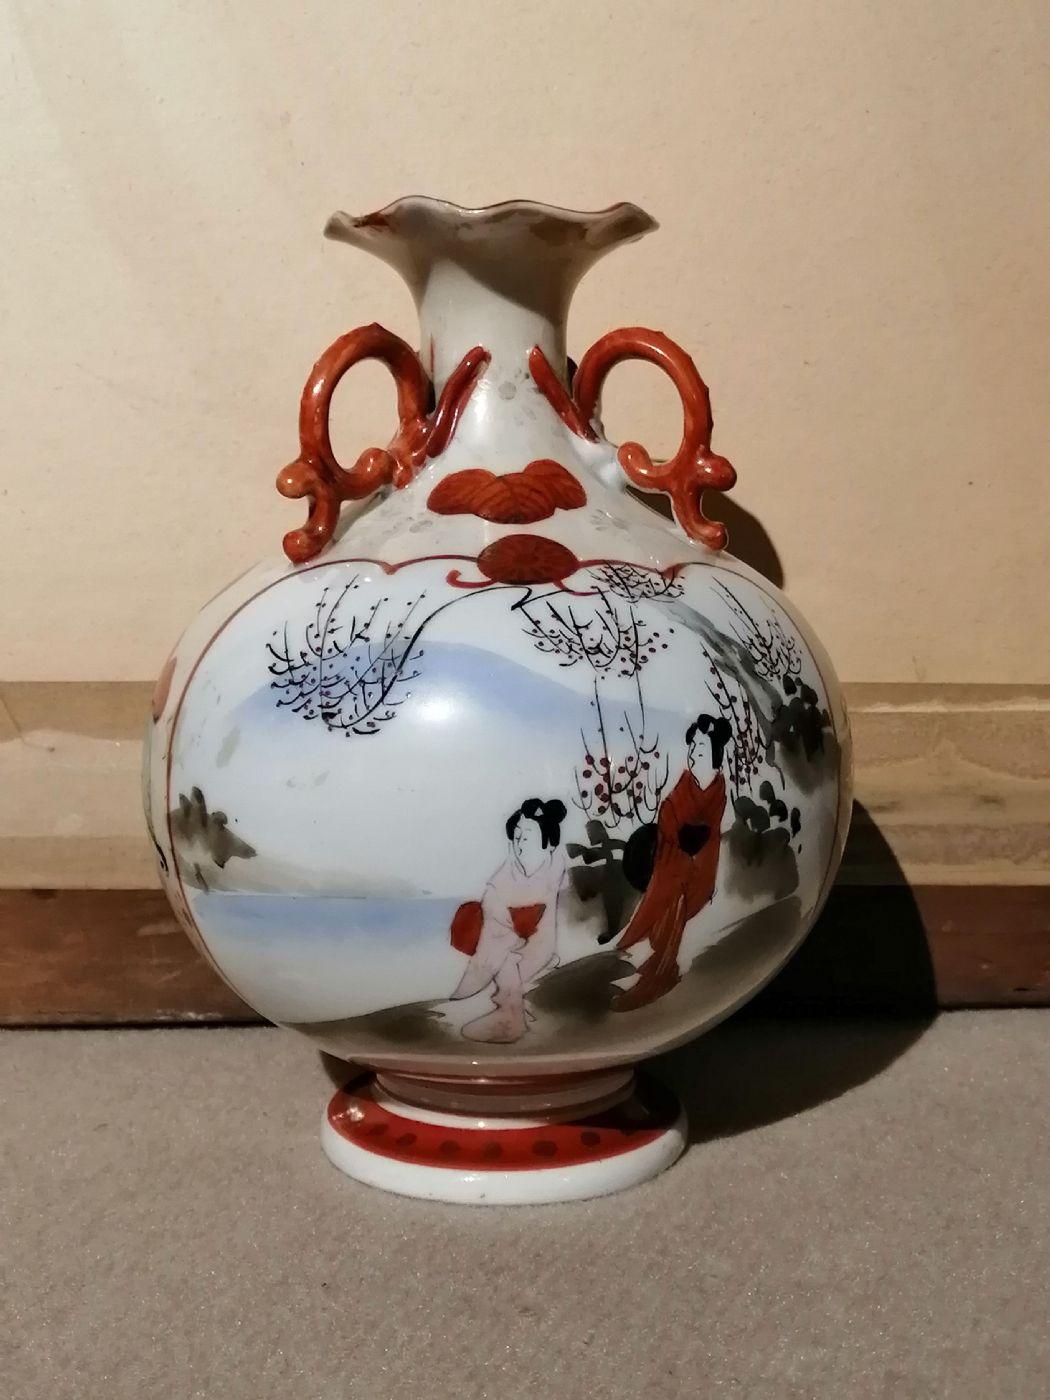 thumb10|Vaso giapponese dell'800 in ceramica dipinta